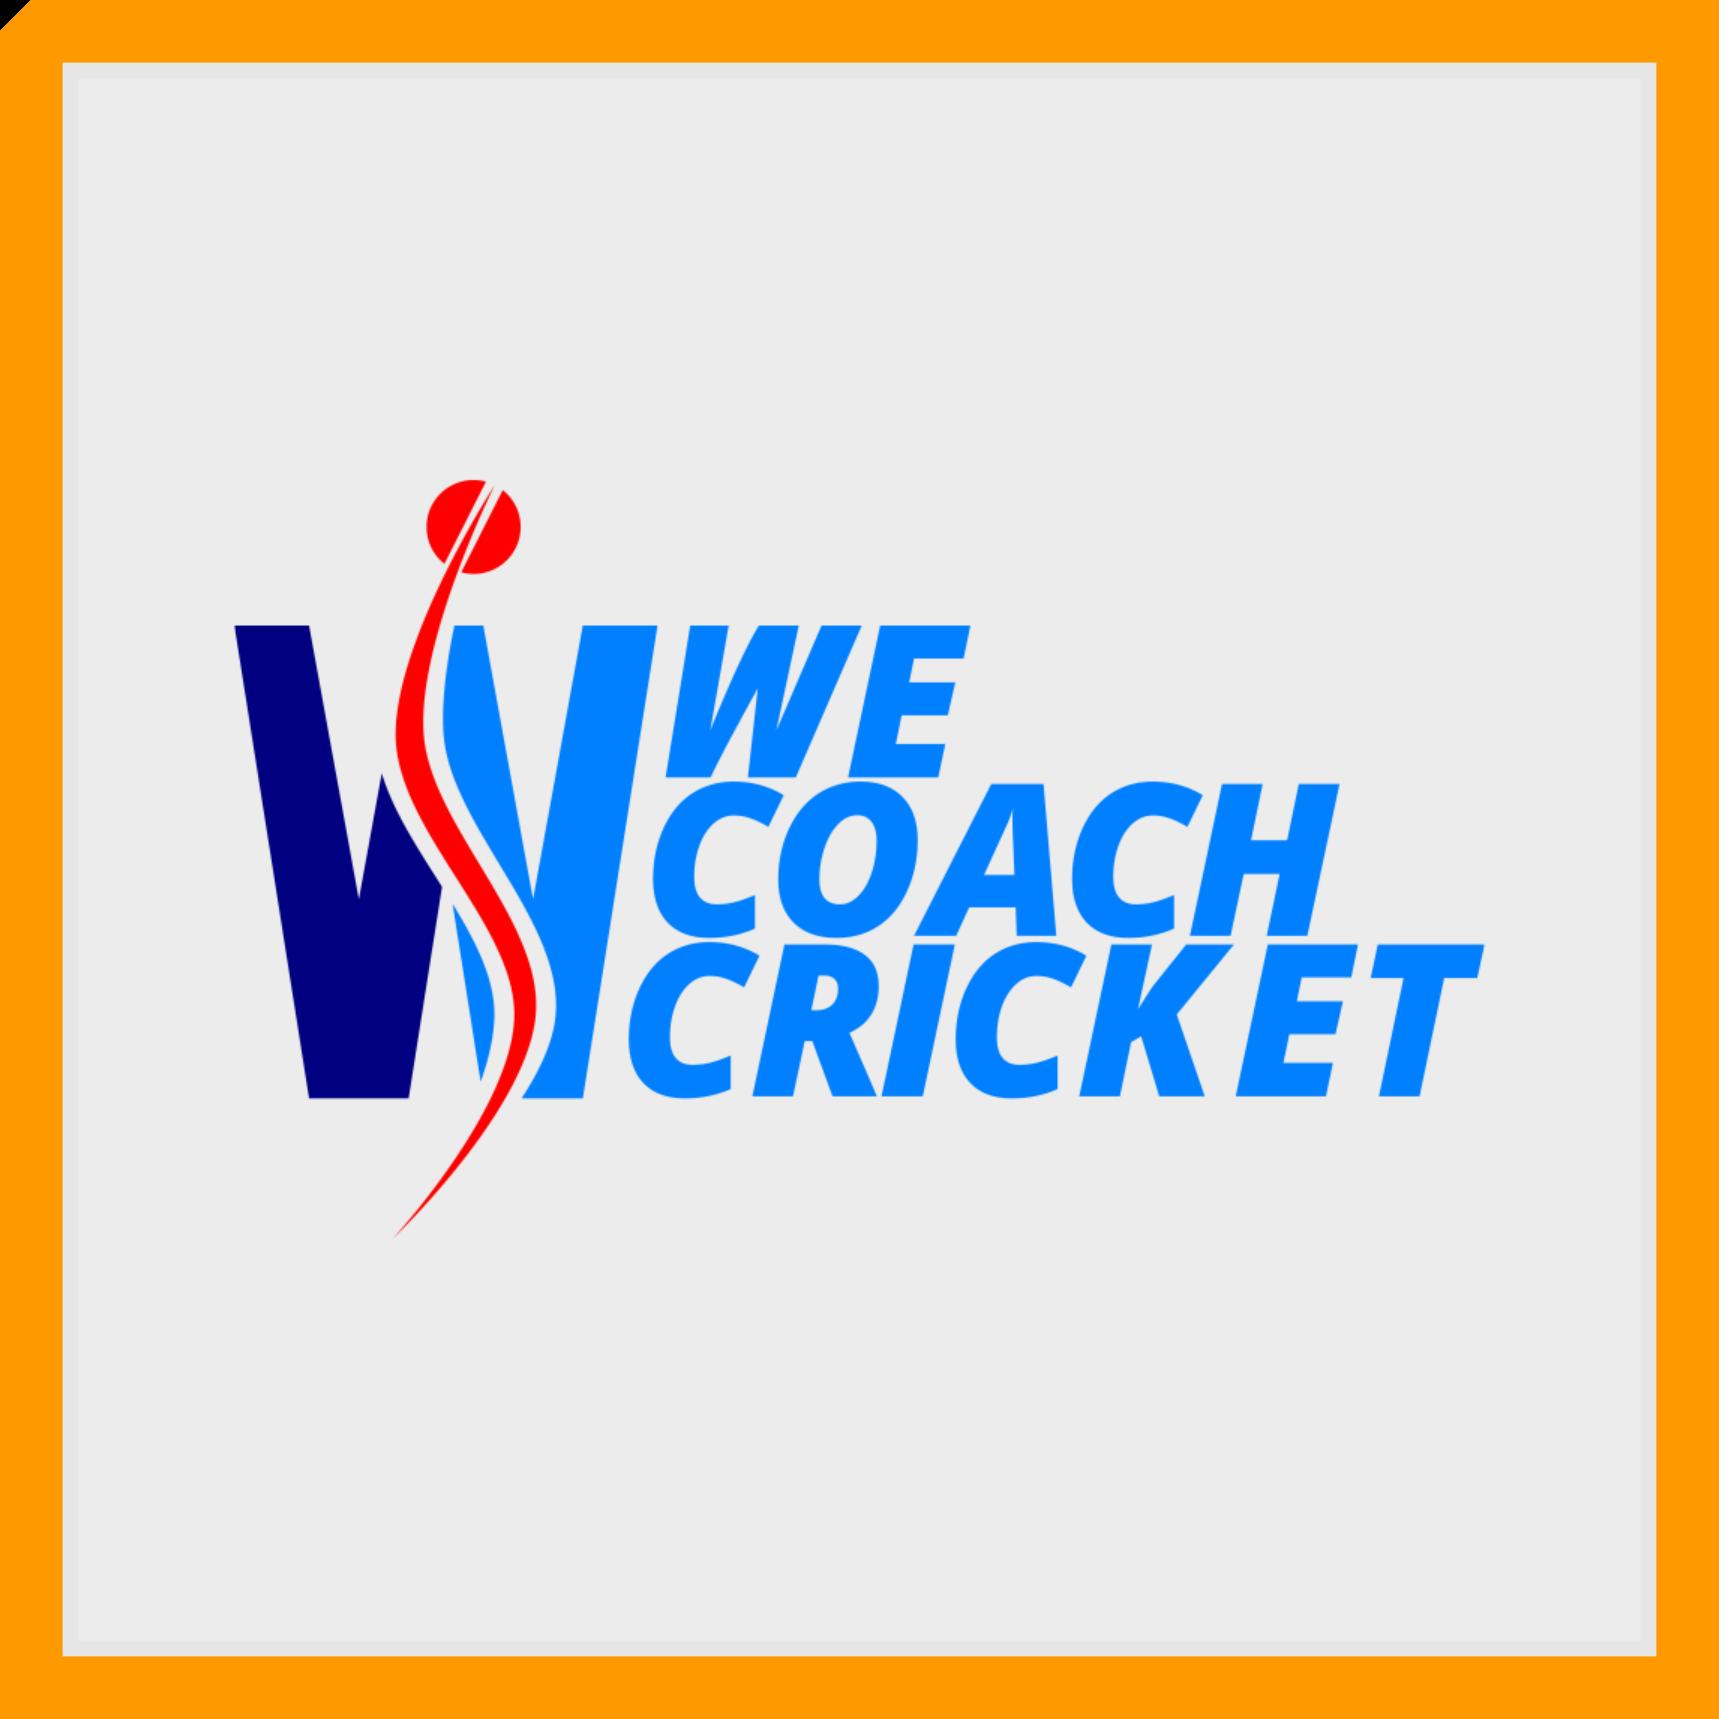 We Cricket